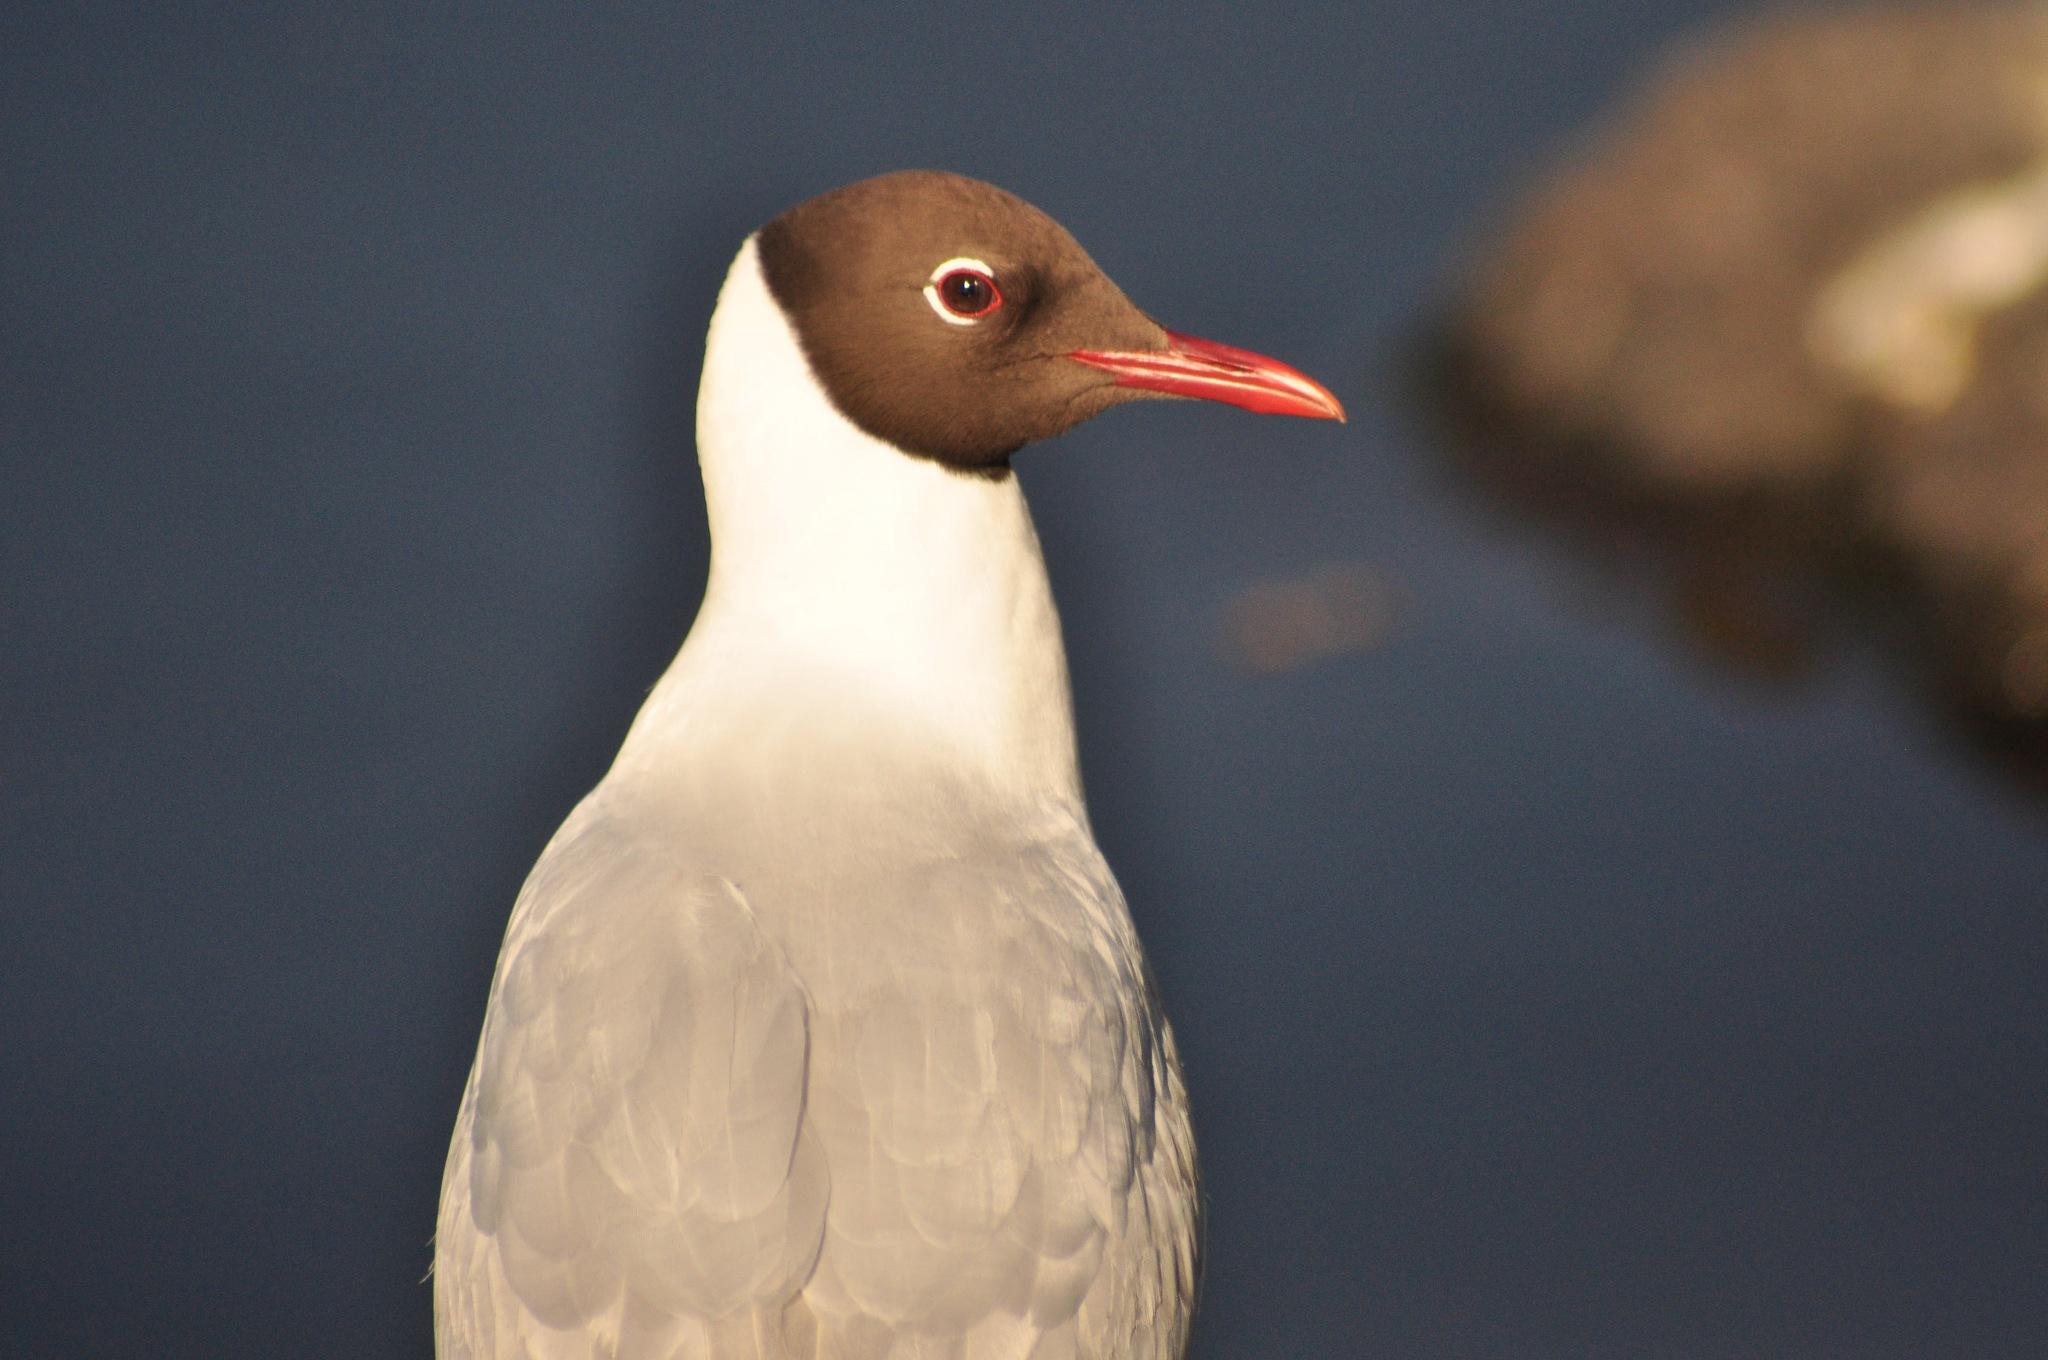 Black-headed gull by Dag Olav Øverland